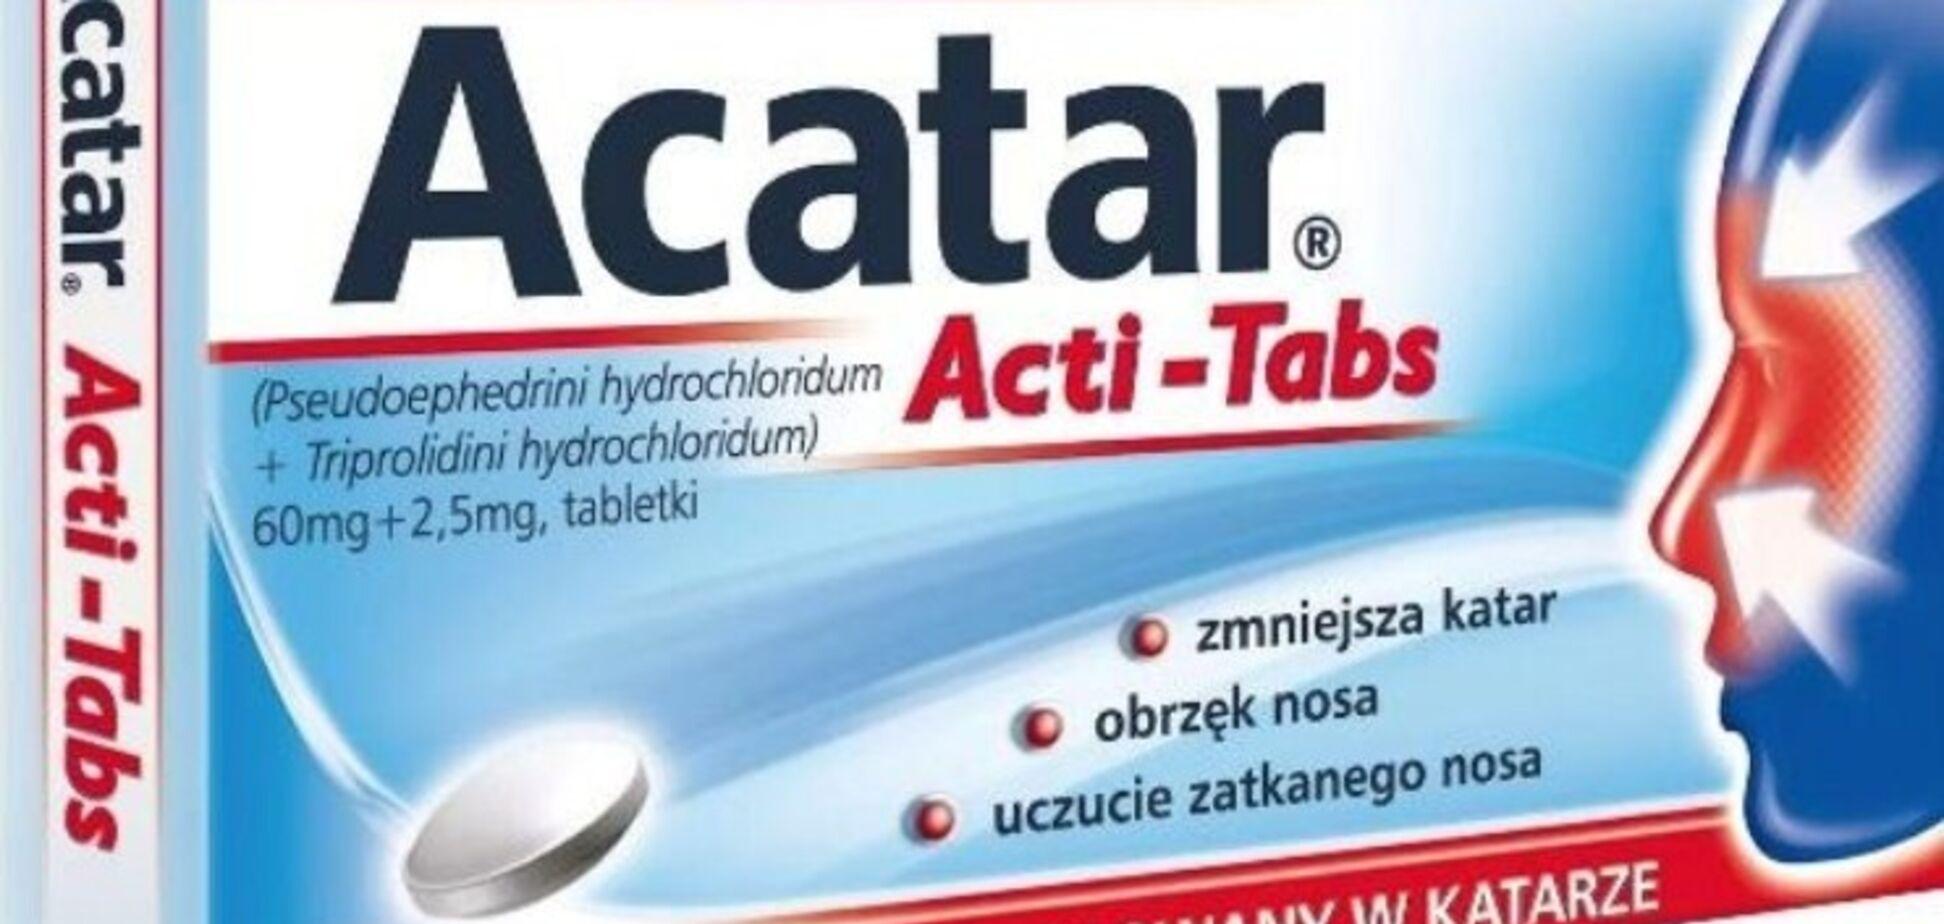 Продавали без реєстрації: в Україні заборонили таблетки від алергії